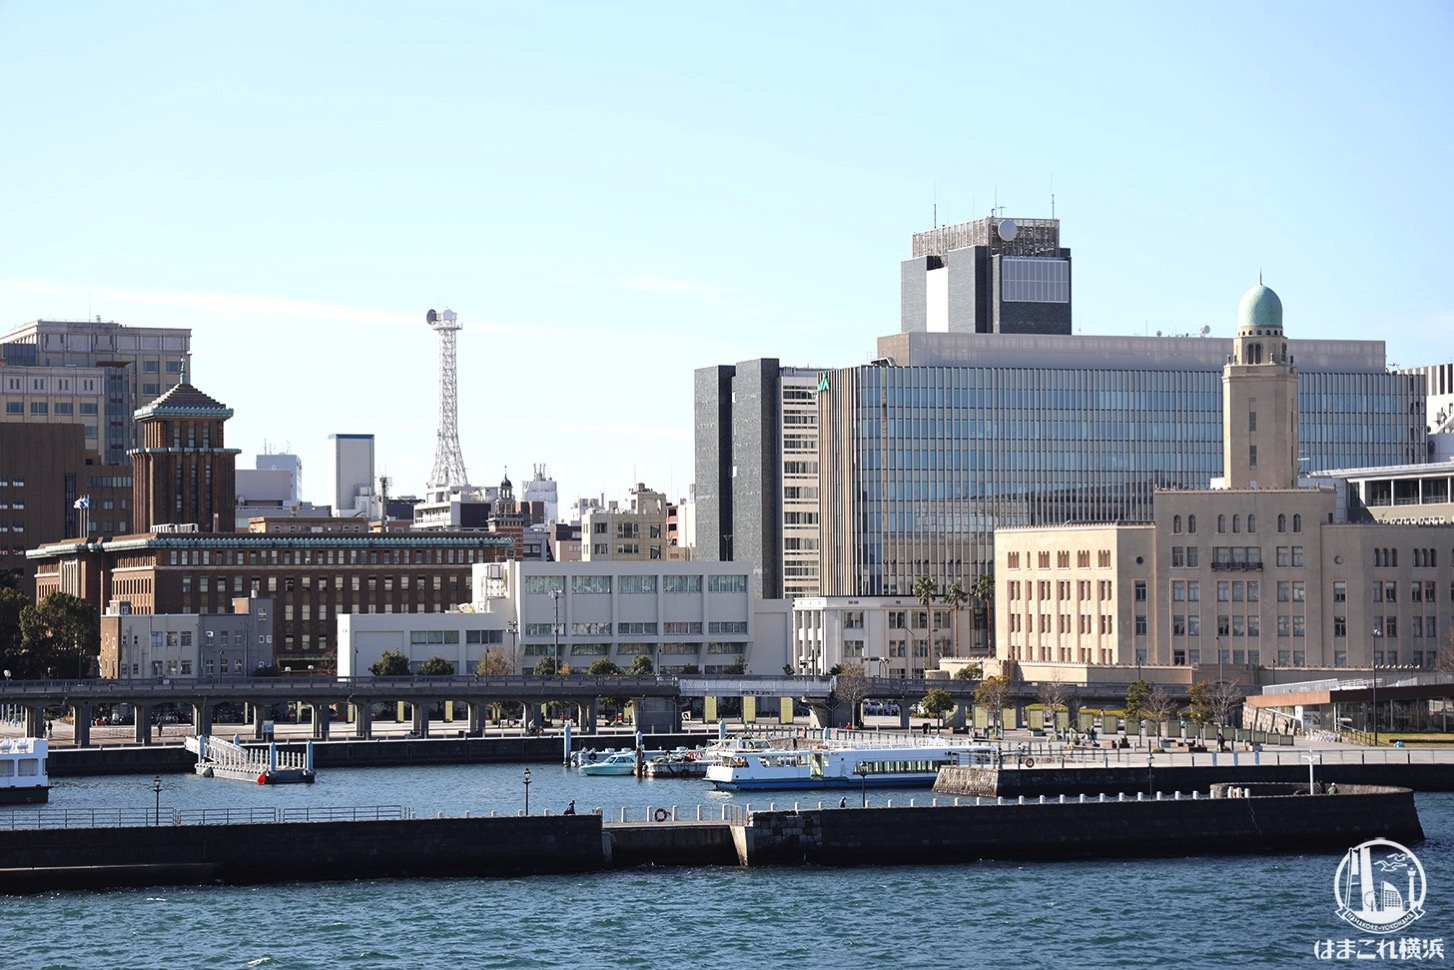 横浜港大さん橋国際客船ターミナルから見た横浜三塔